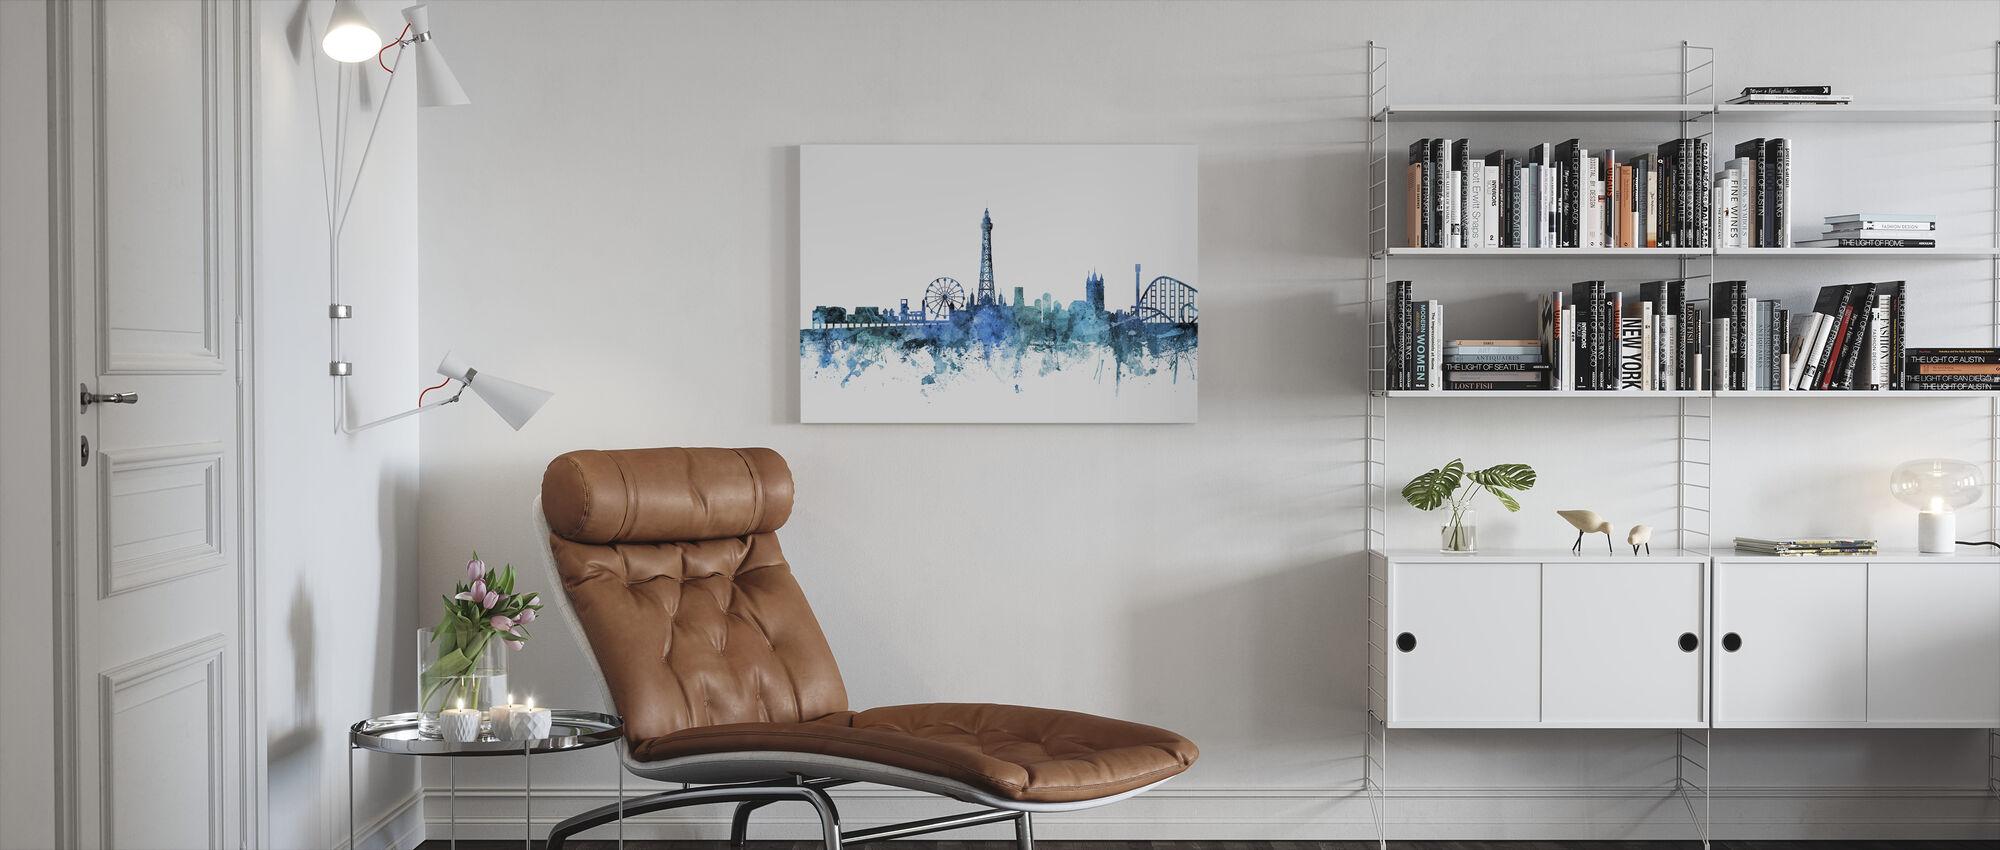 Blackpool England Skyline - Canvas print - Living Room